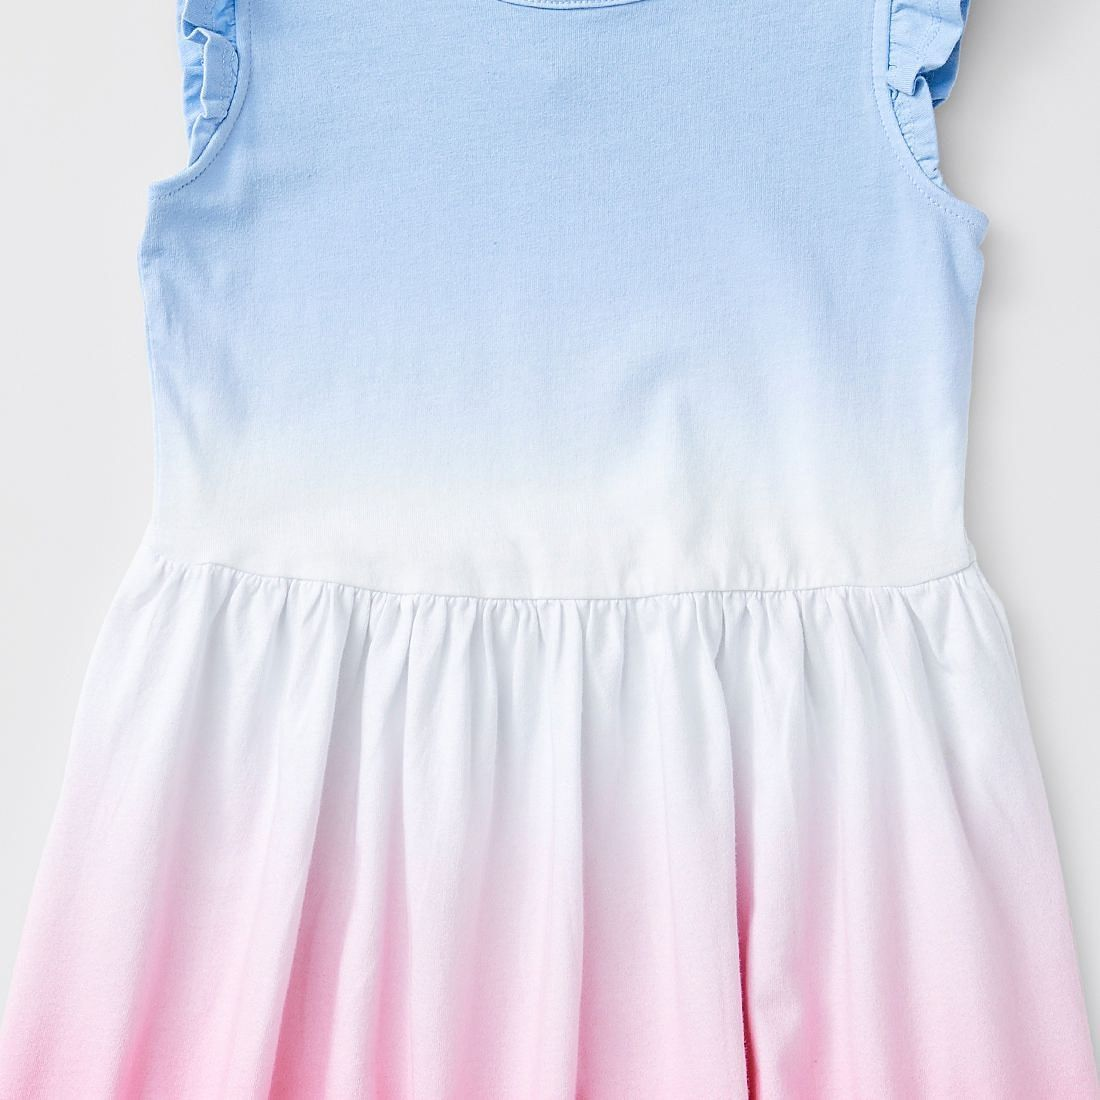 Ombre Print Frill Shoulder Dress Blue Target Australia [ 1100 x 1100 Pixel ]